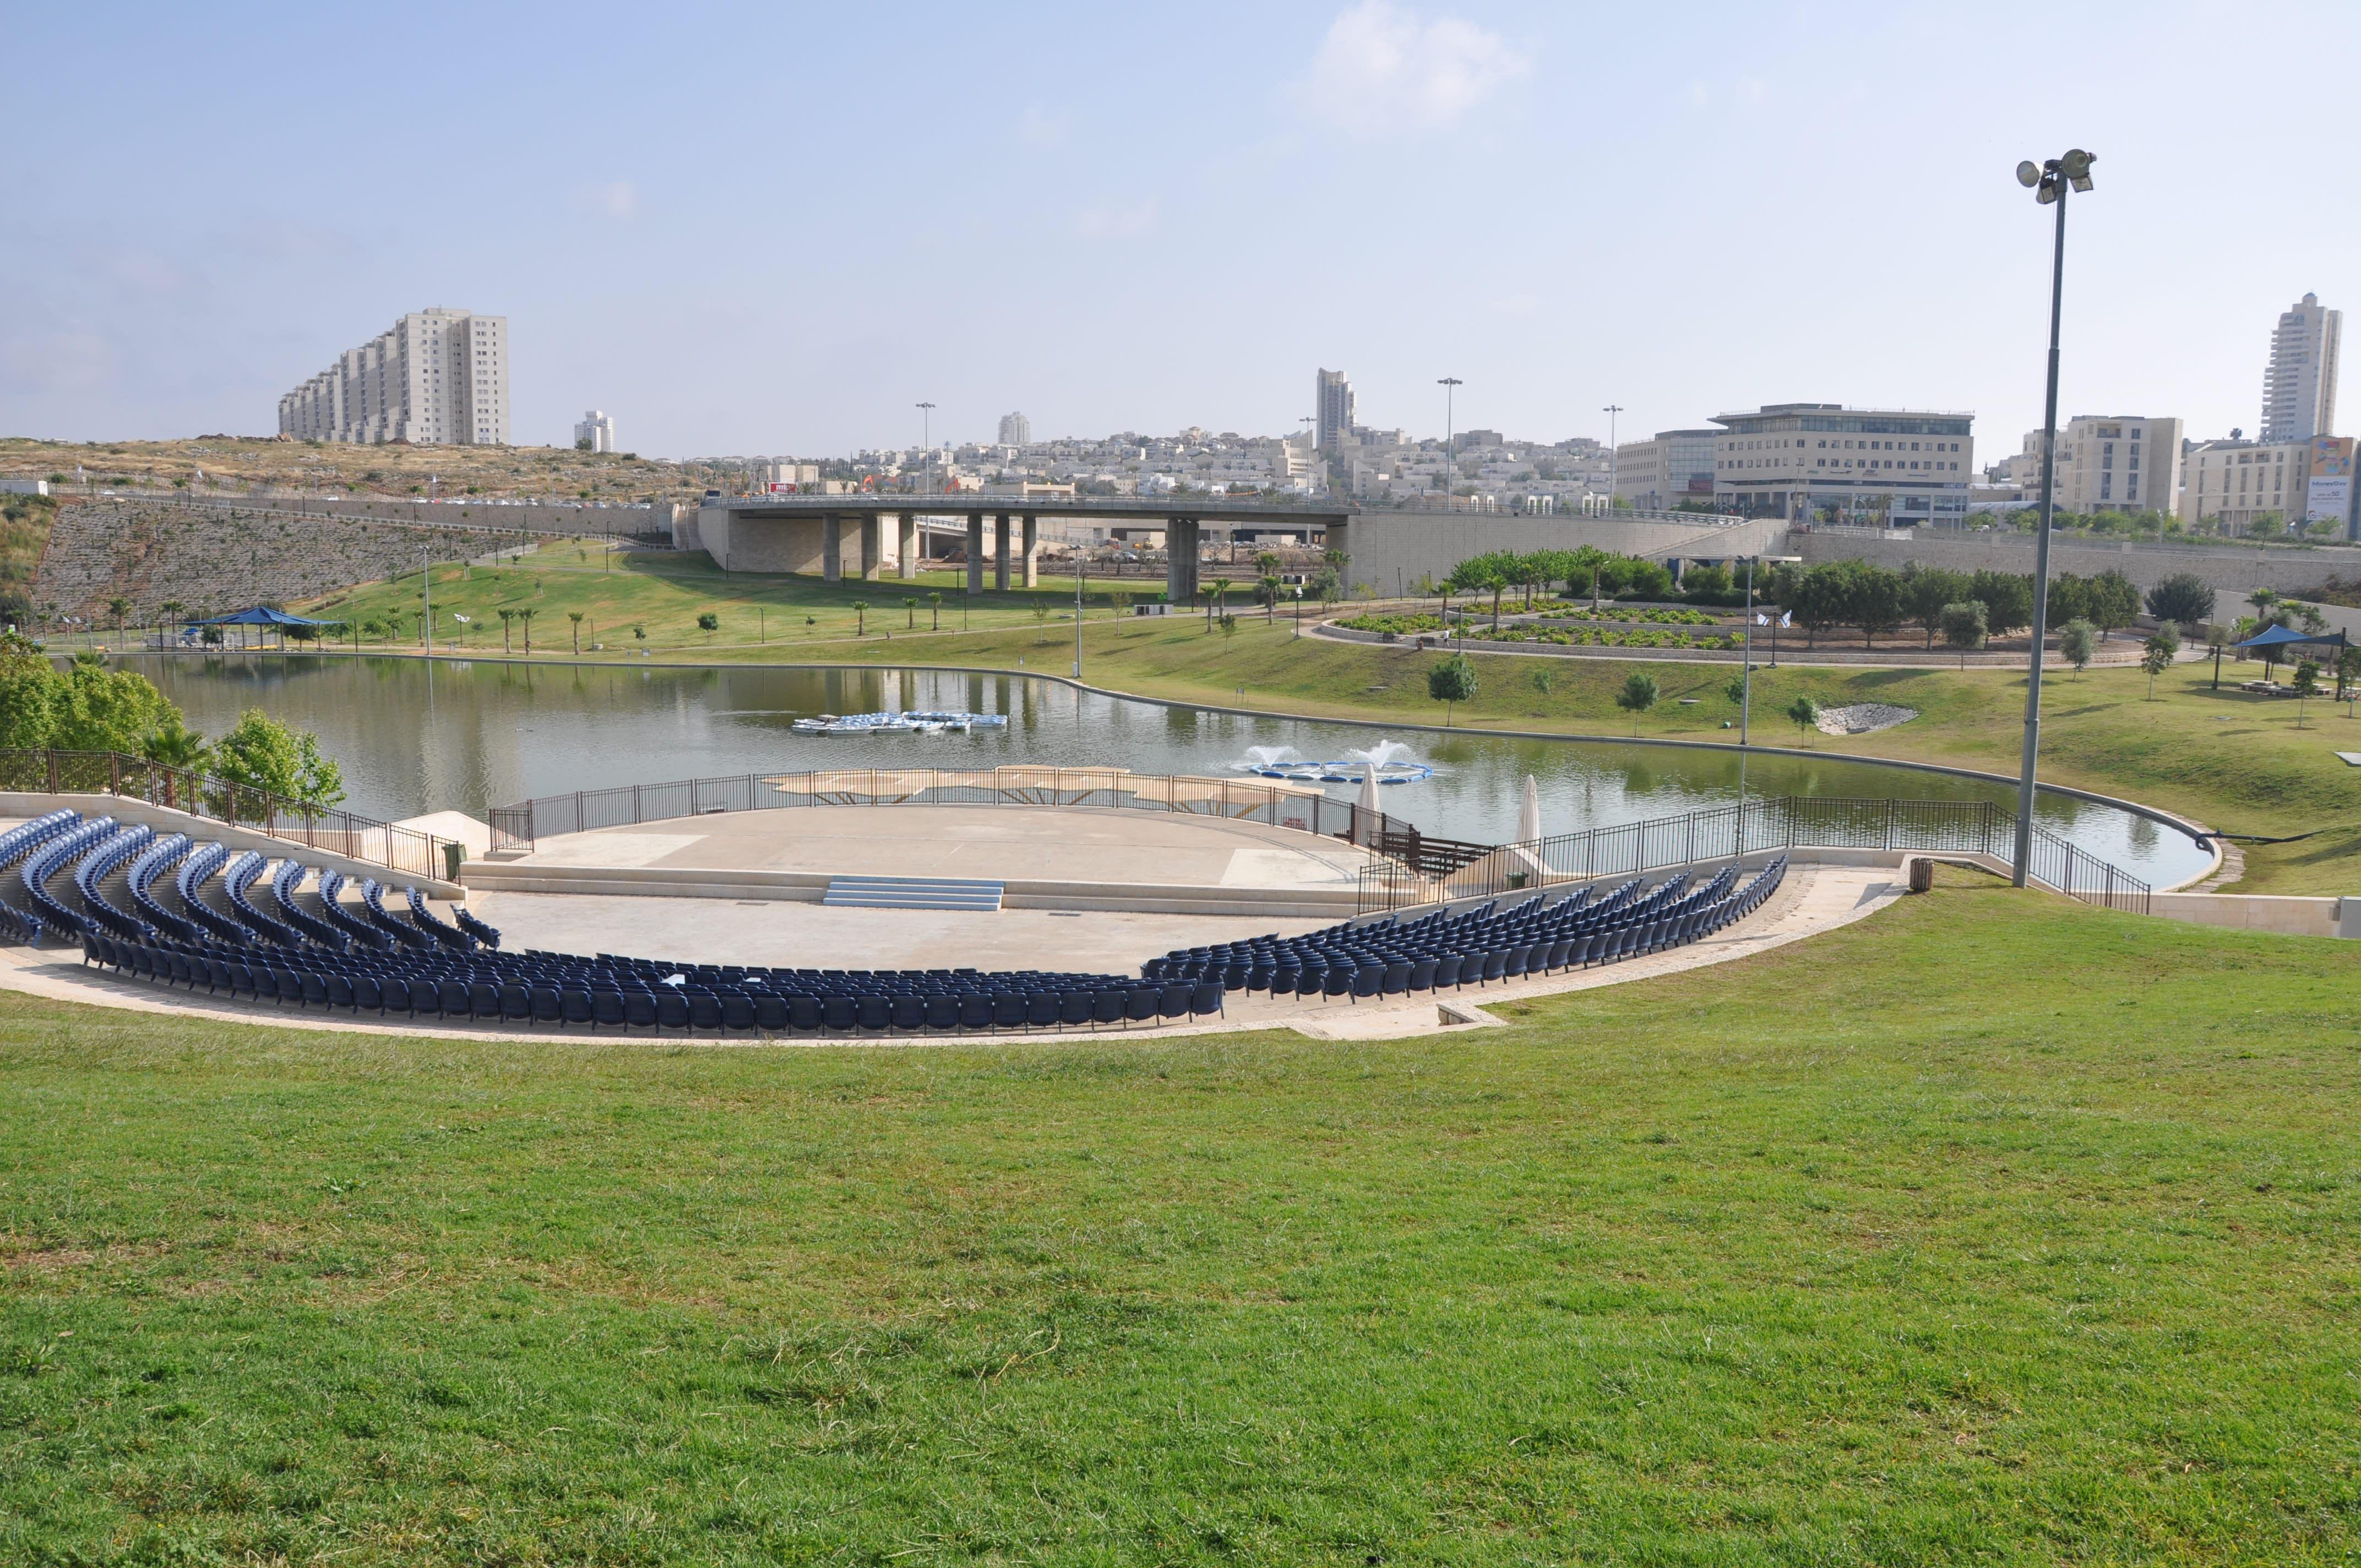 הפארק כמוקד מרכזי בעיר. פארק ענבה במודיעין (צילום: המעבדה לעיצוב עירוני)